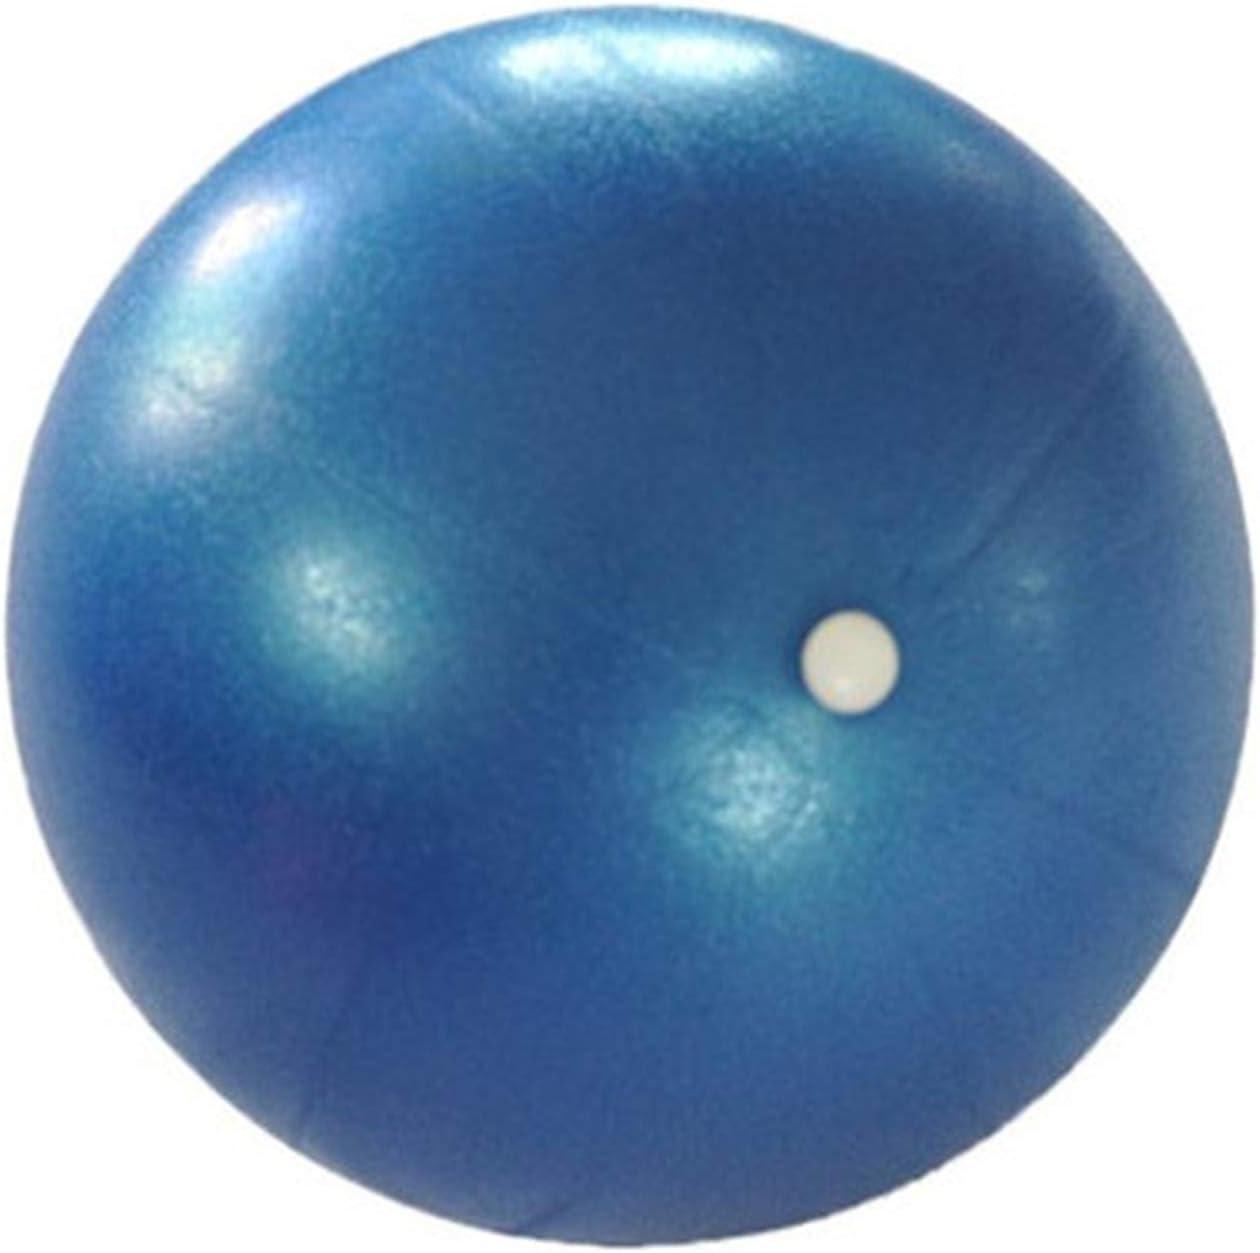 25CM Yoga Pilates Balance Ball Home Exercises Gymnastic Fitness Gym Workout